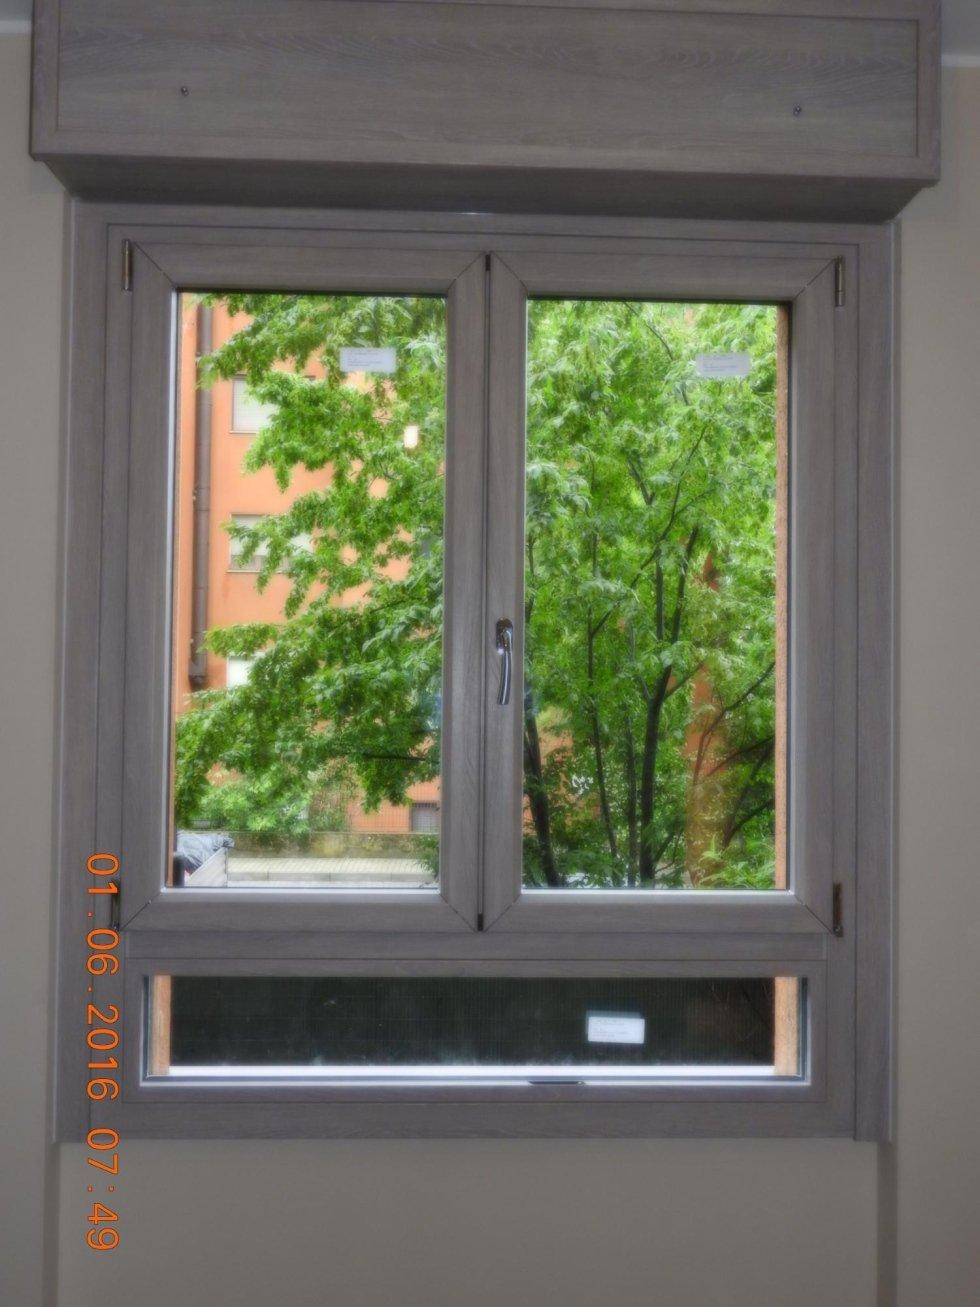 finestra in legno chiaro con vista su un albero